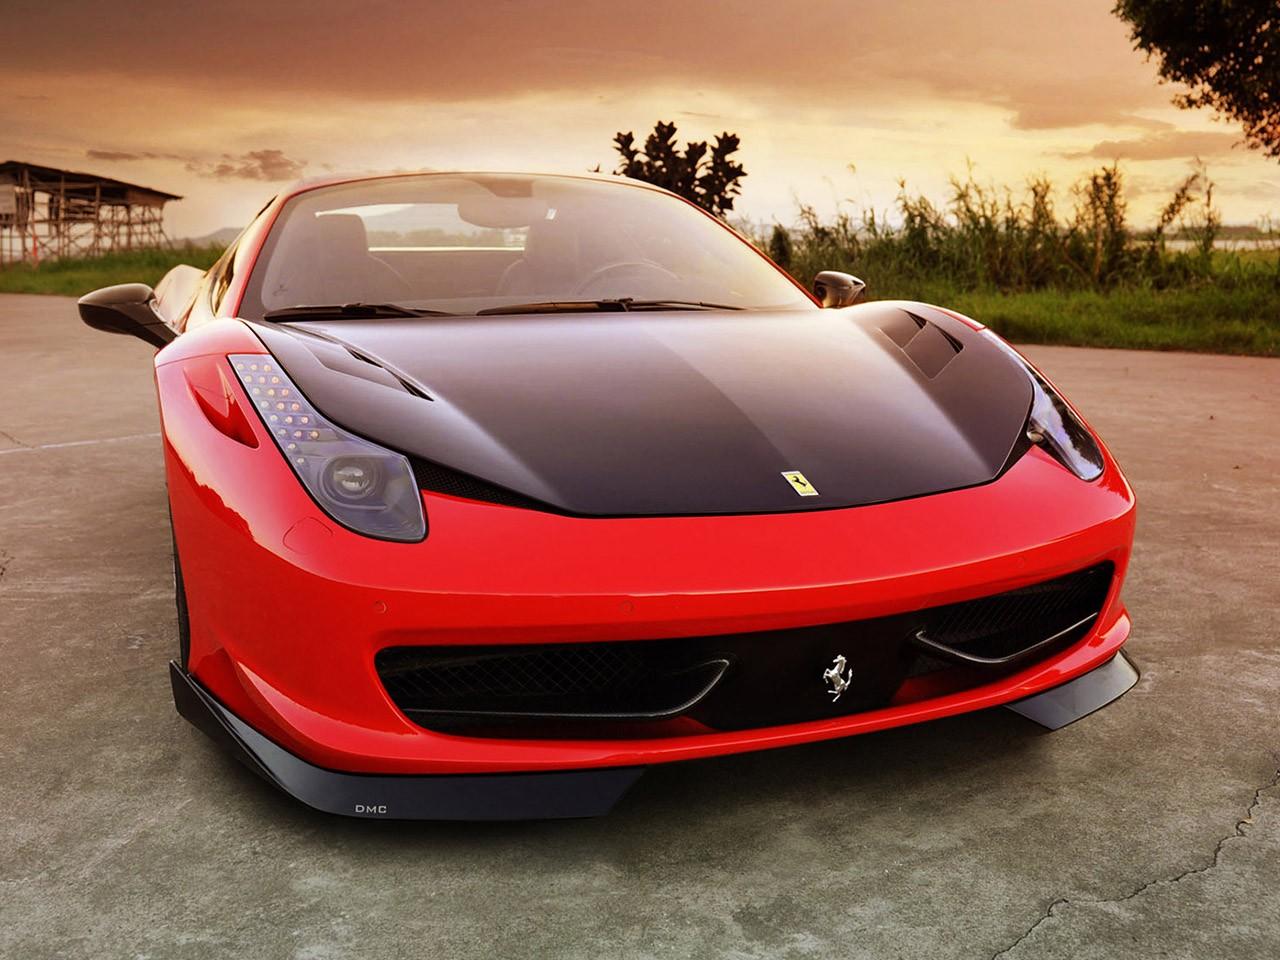 2013 Ferrari 458 Italia Spider by DMC Design